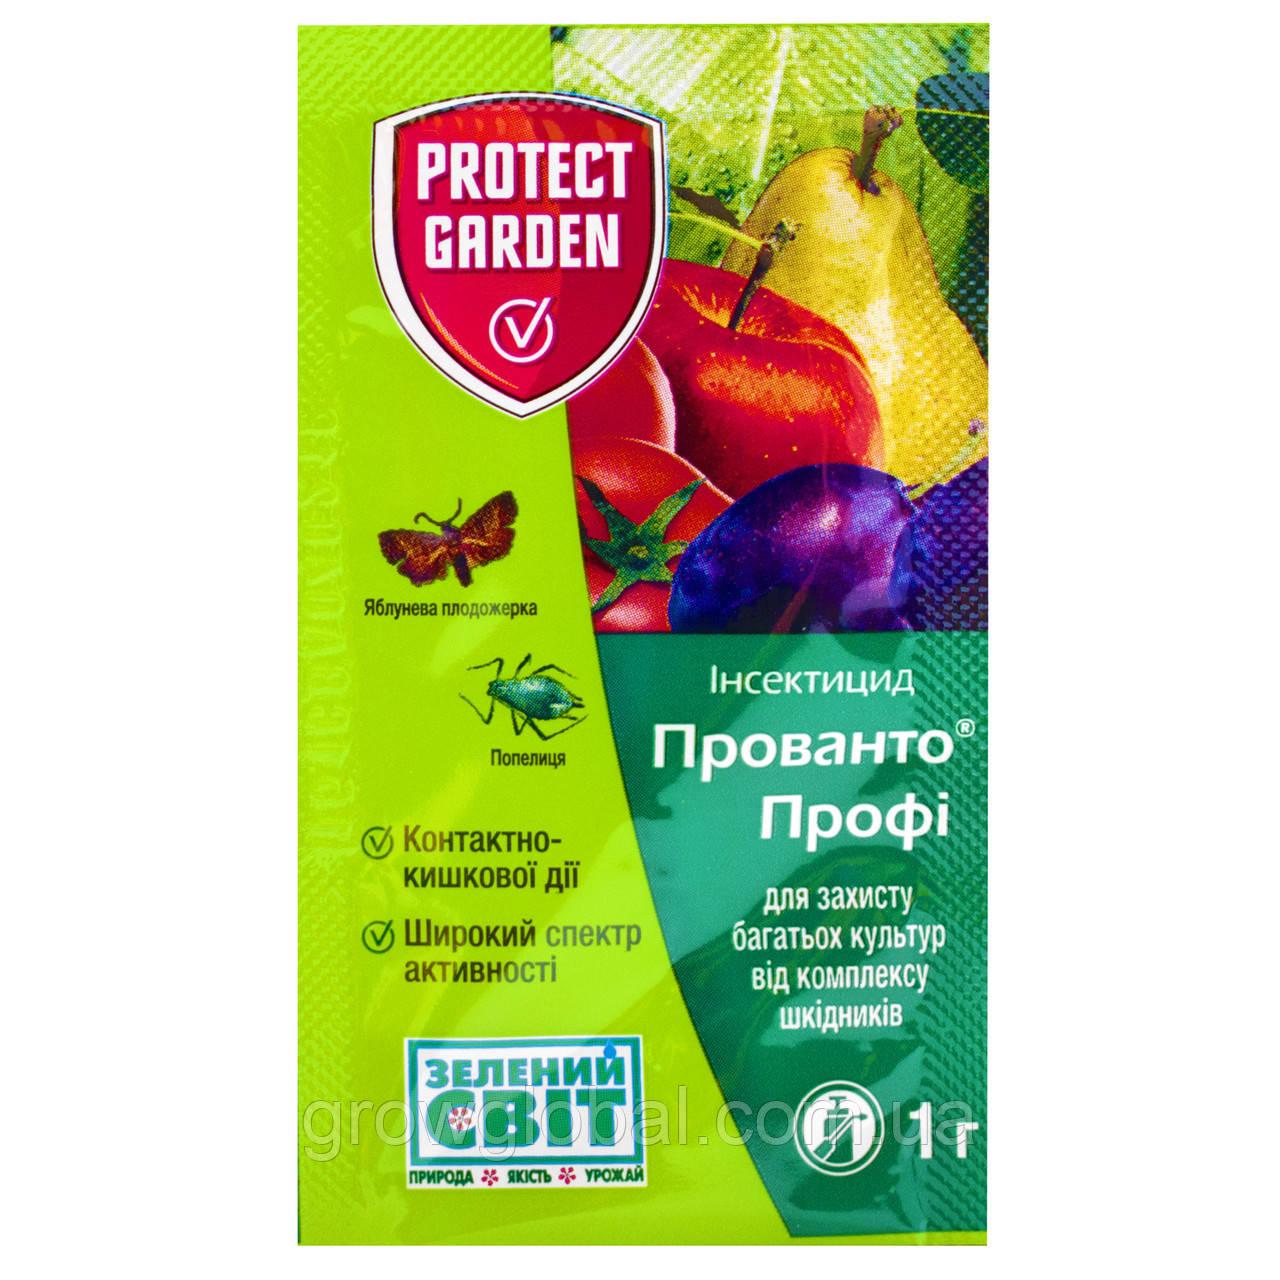 Инсектицид «Прованто Профи» (Децис Профи) 1 г, оригинал